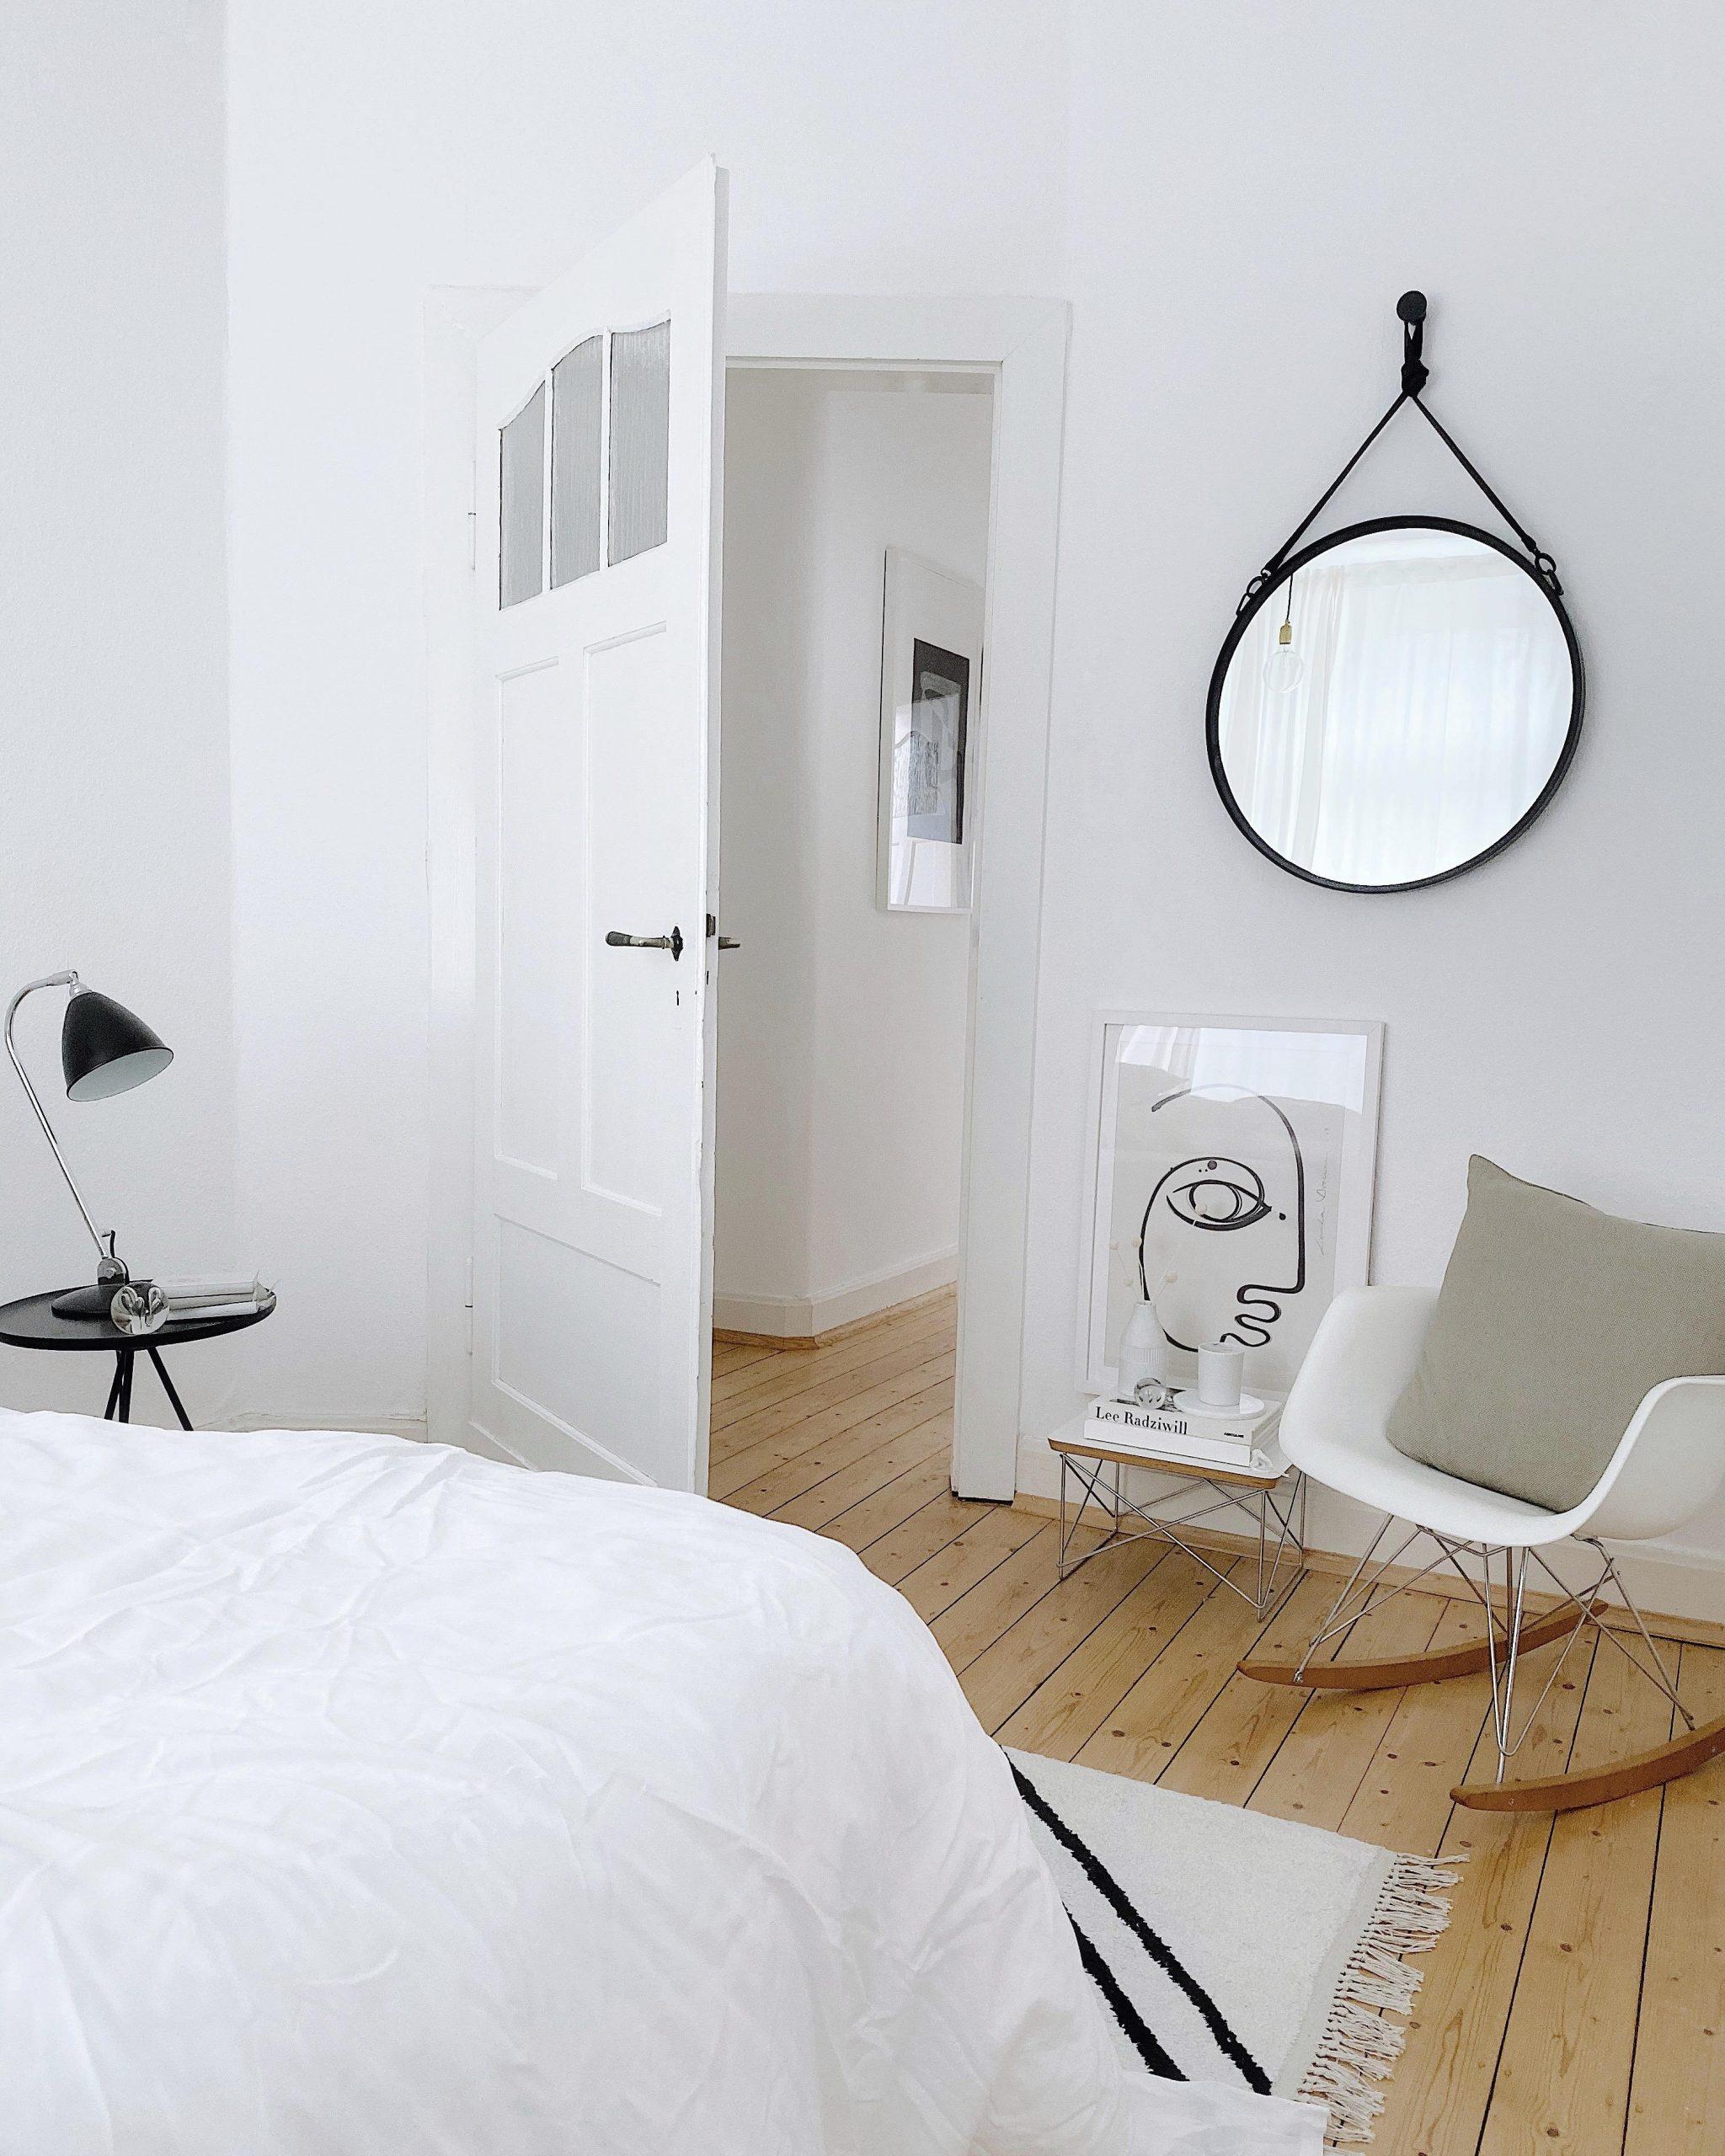 Full Size of Schlafzimmer Wanddeko Selber Machen Bilder Wanddekoration Holz Ikea Amazon Metall Ideen Deko So Machst Du Es Dir Gemtlich Landhaus Günstig Landhausstil Wohnzimmer Schlafzimmer Wanddeko